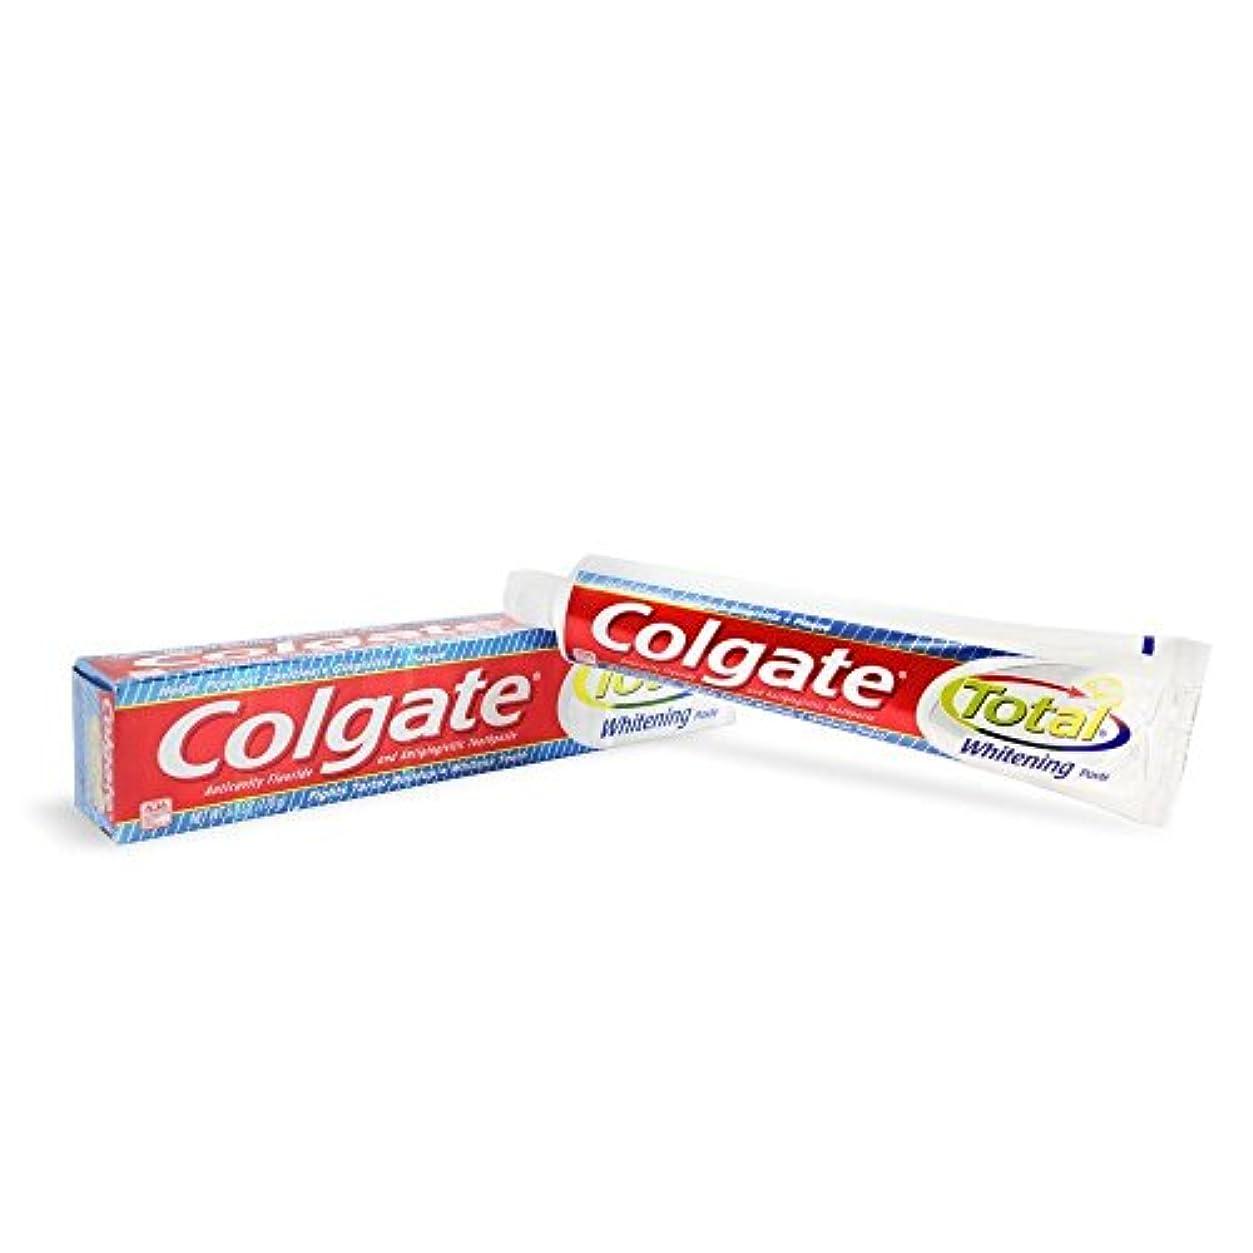 ホールドオール絶滅したポインタColgate トータルホワイトニング歯磨き6オズ(12パック)